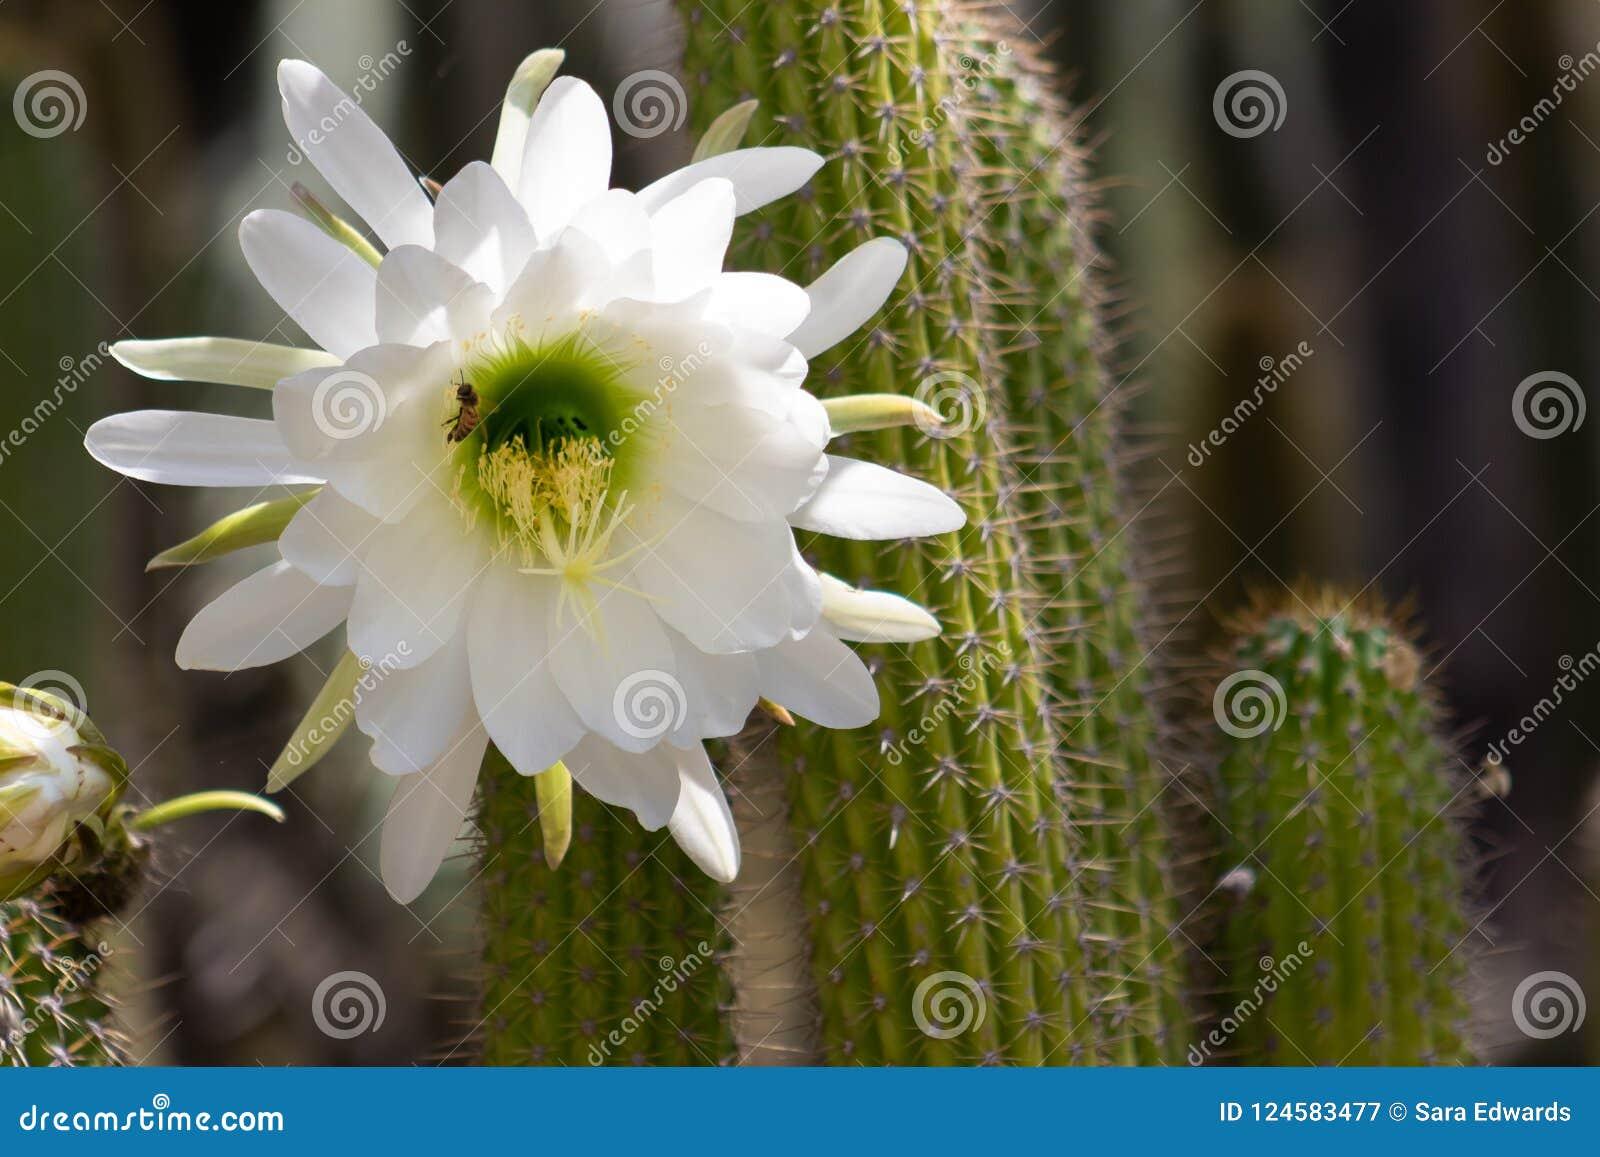 Floración blanca gigante espectacular en un cactus de Echinopsis Schickendantzii con una abeja que consigue el néctar del centro